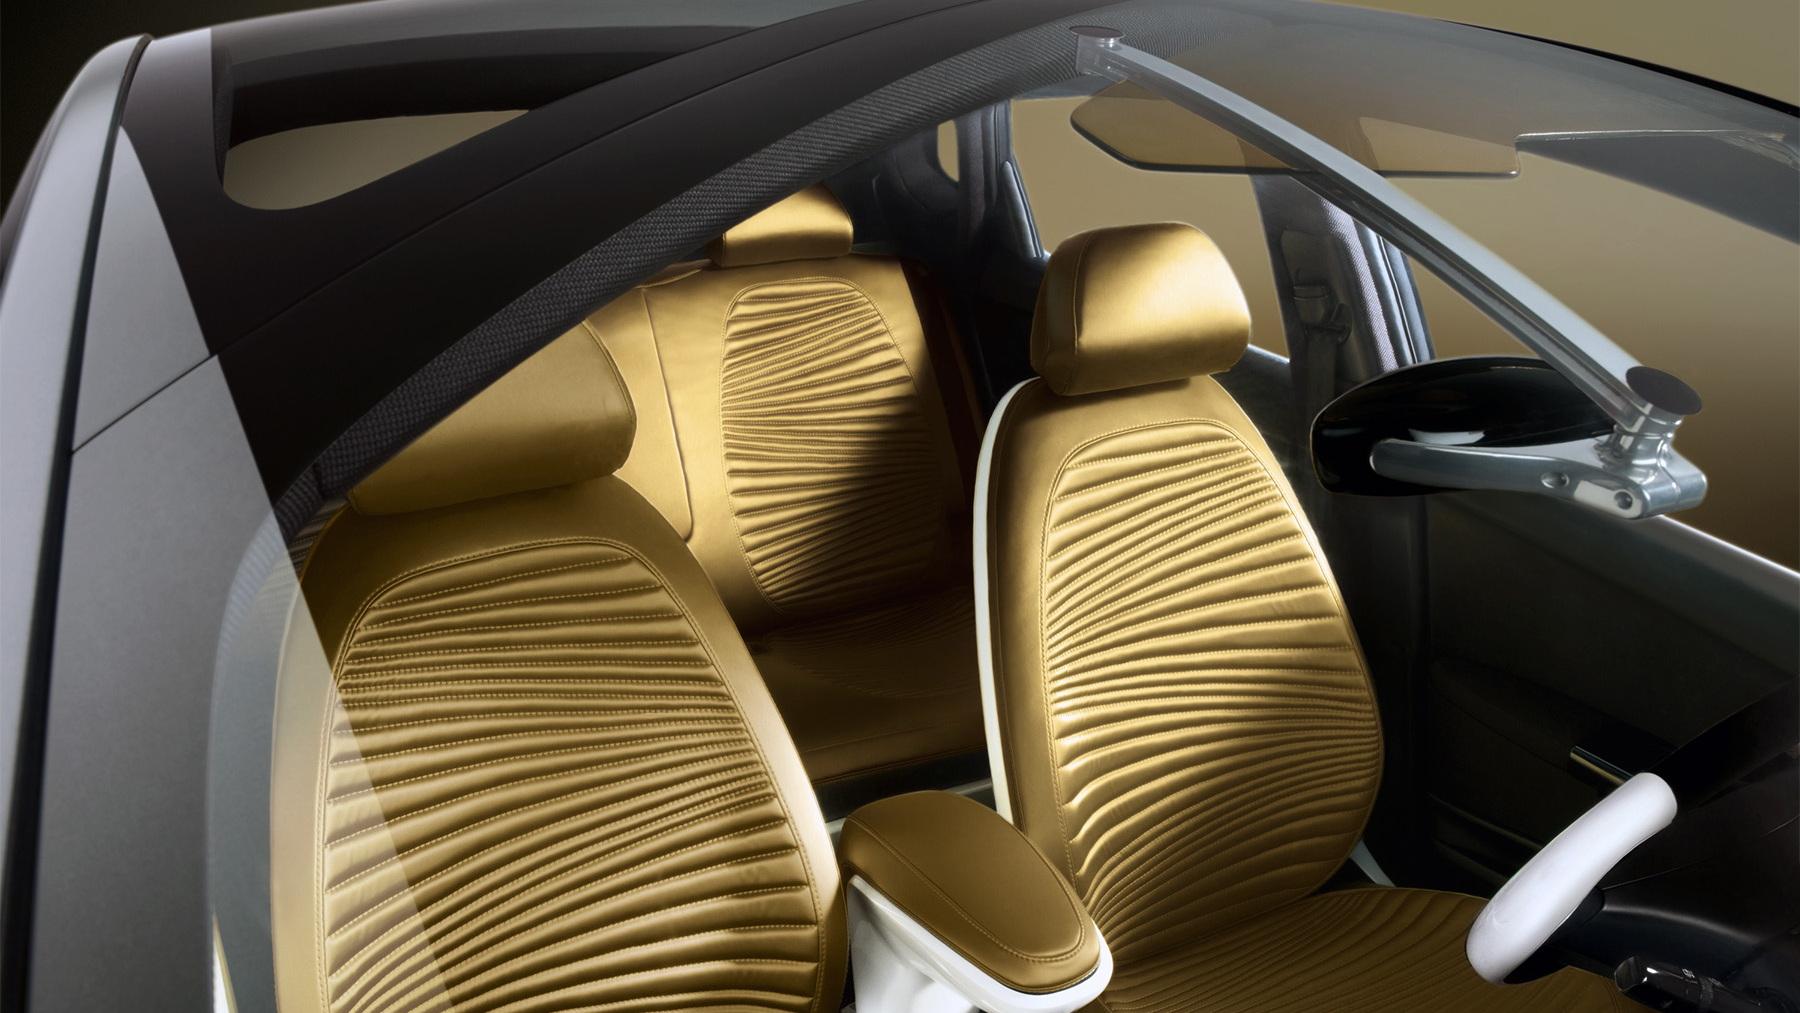 2009 kia no3 concept geneva motor show 002